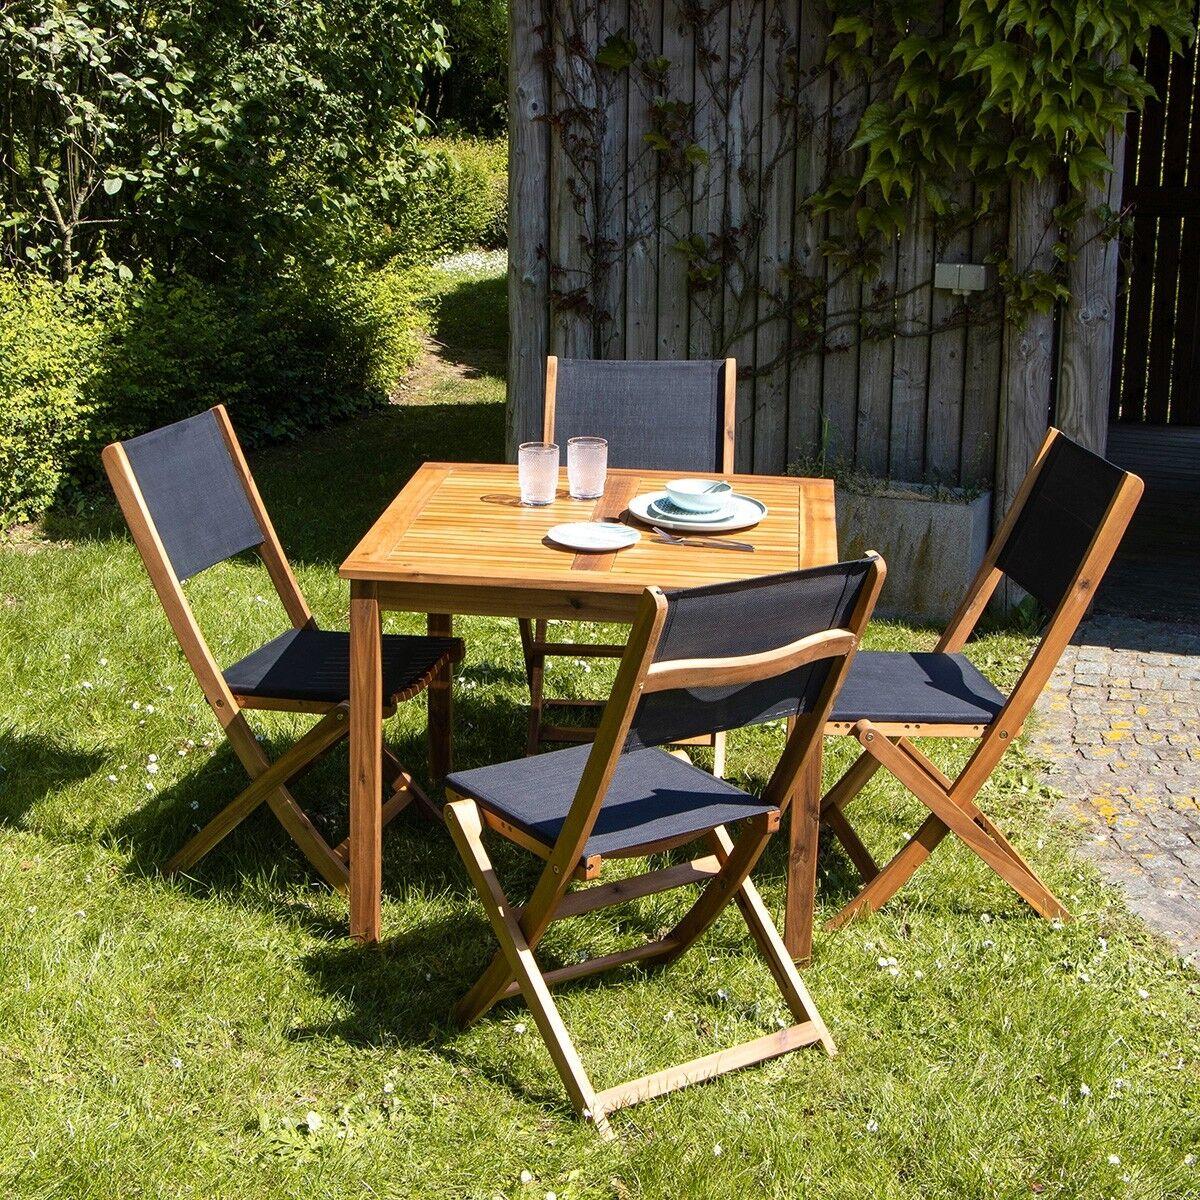 BOIS DESSUS BOIS DESSOUS Salon de jardin en bois d'acacia 4 places BOIS DESSUS BOIS DESSOUS